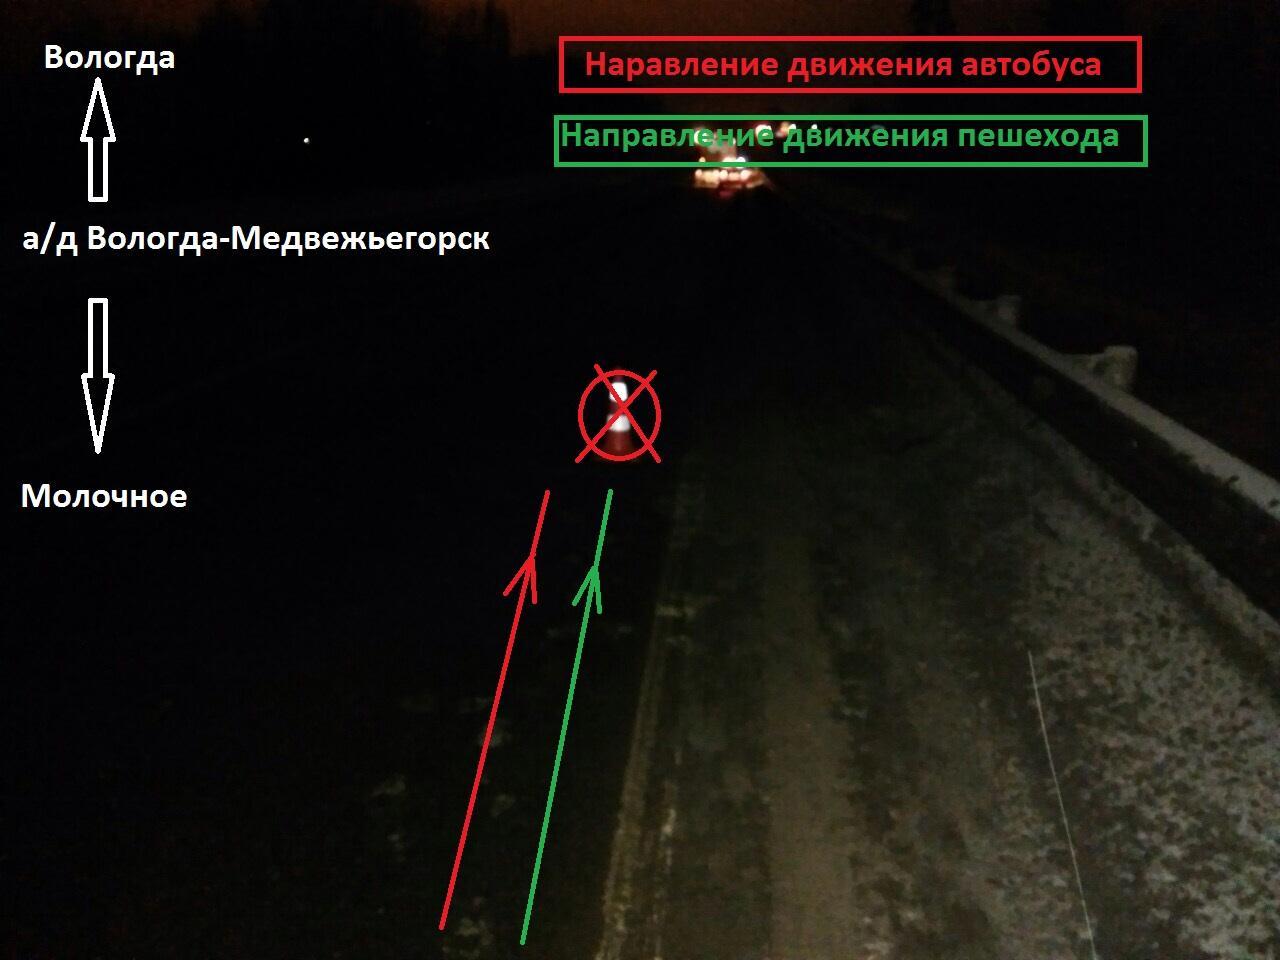 ВВологодском районе автобус сбил нетрезвого пешехода